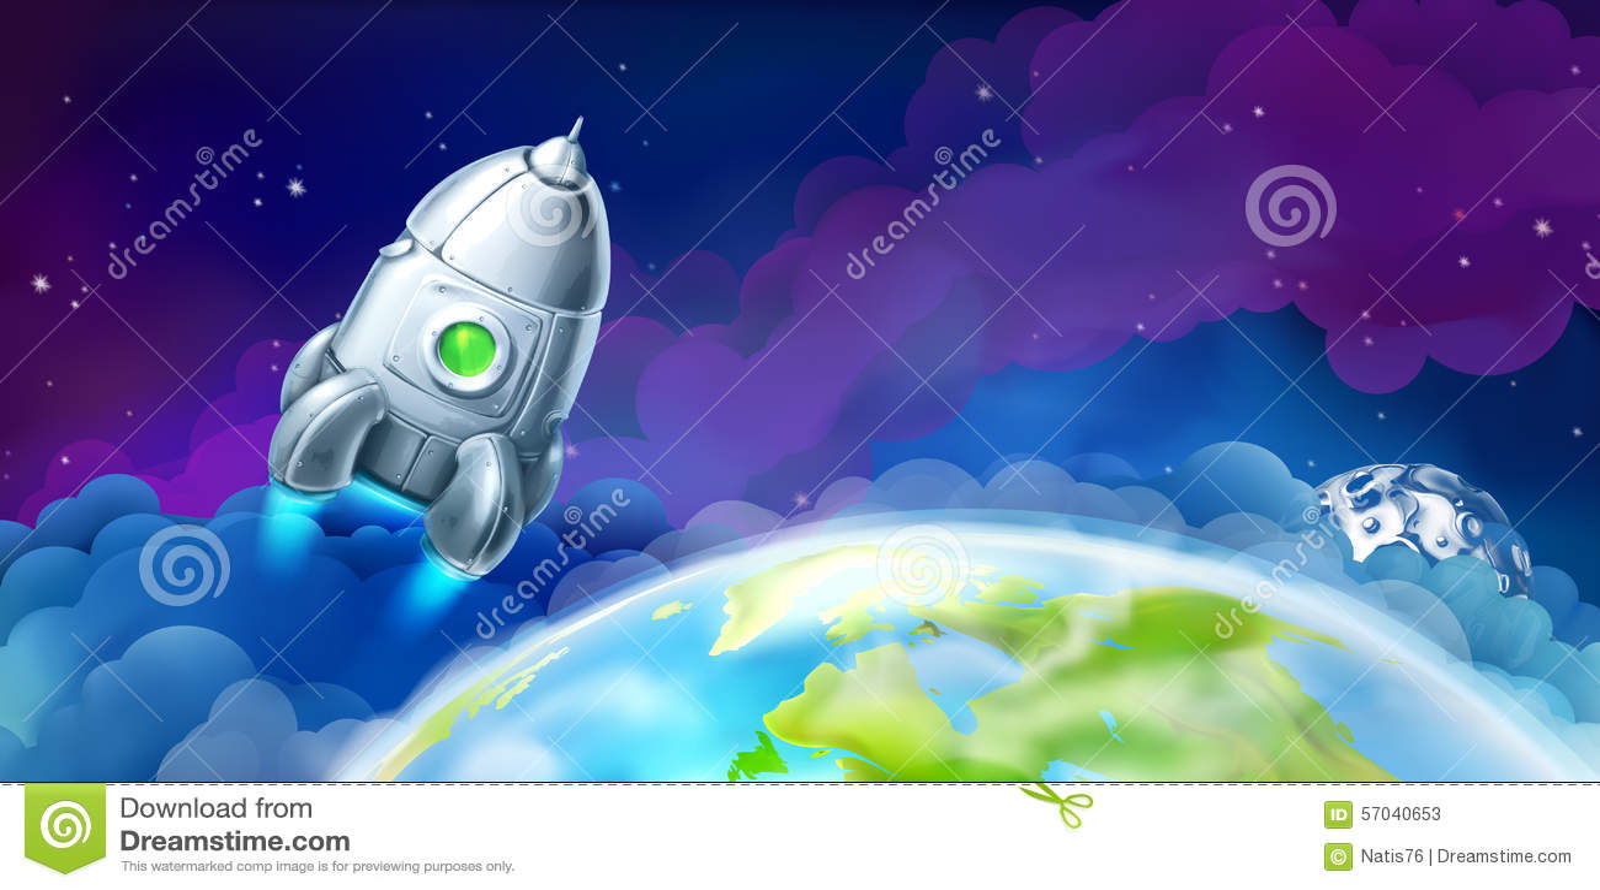 Raumfähre über der Erde